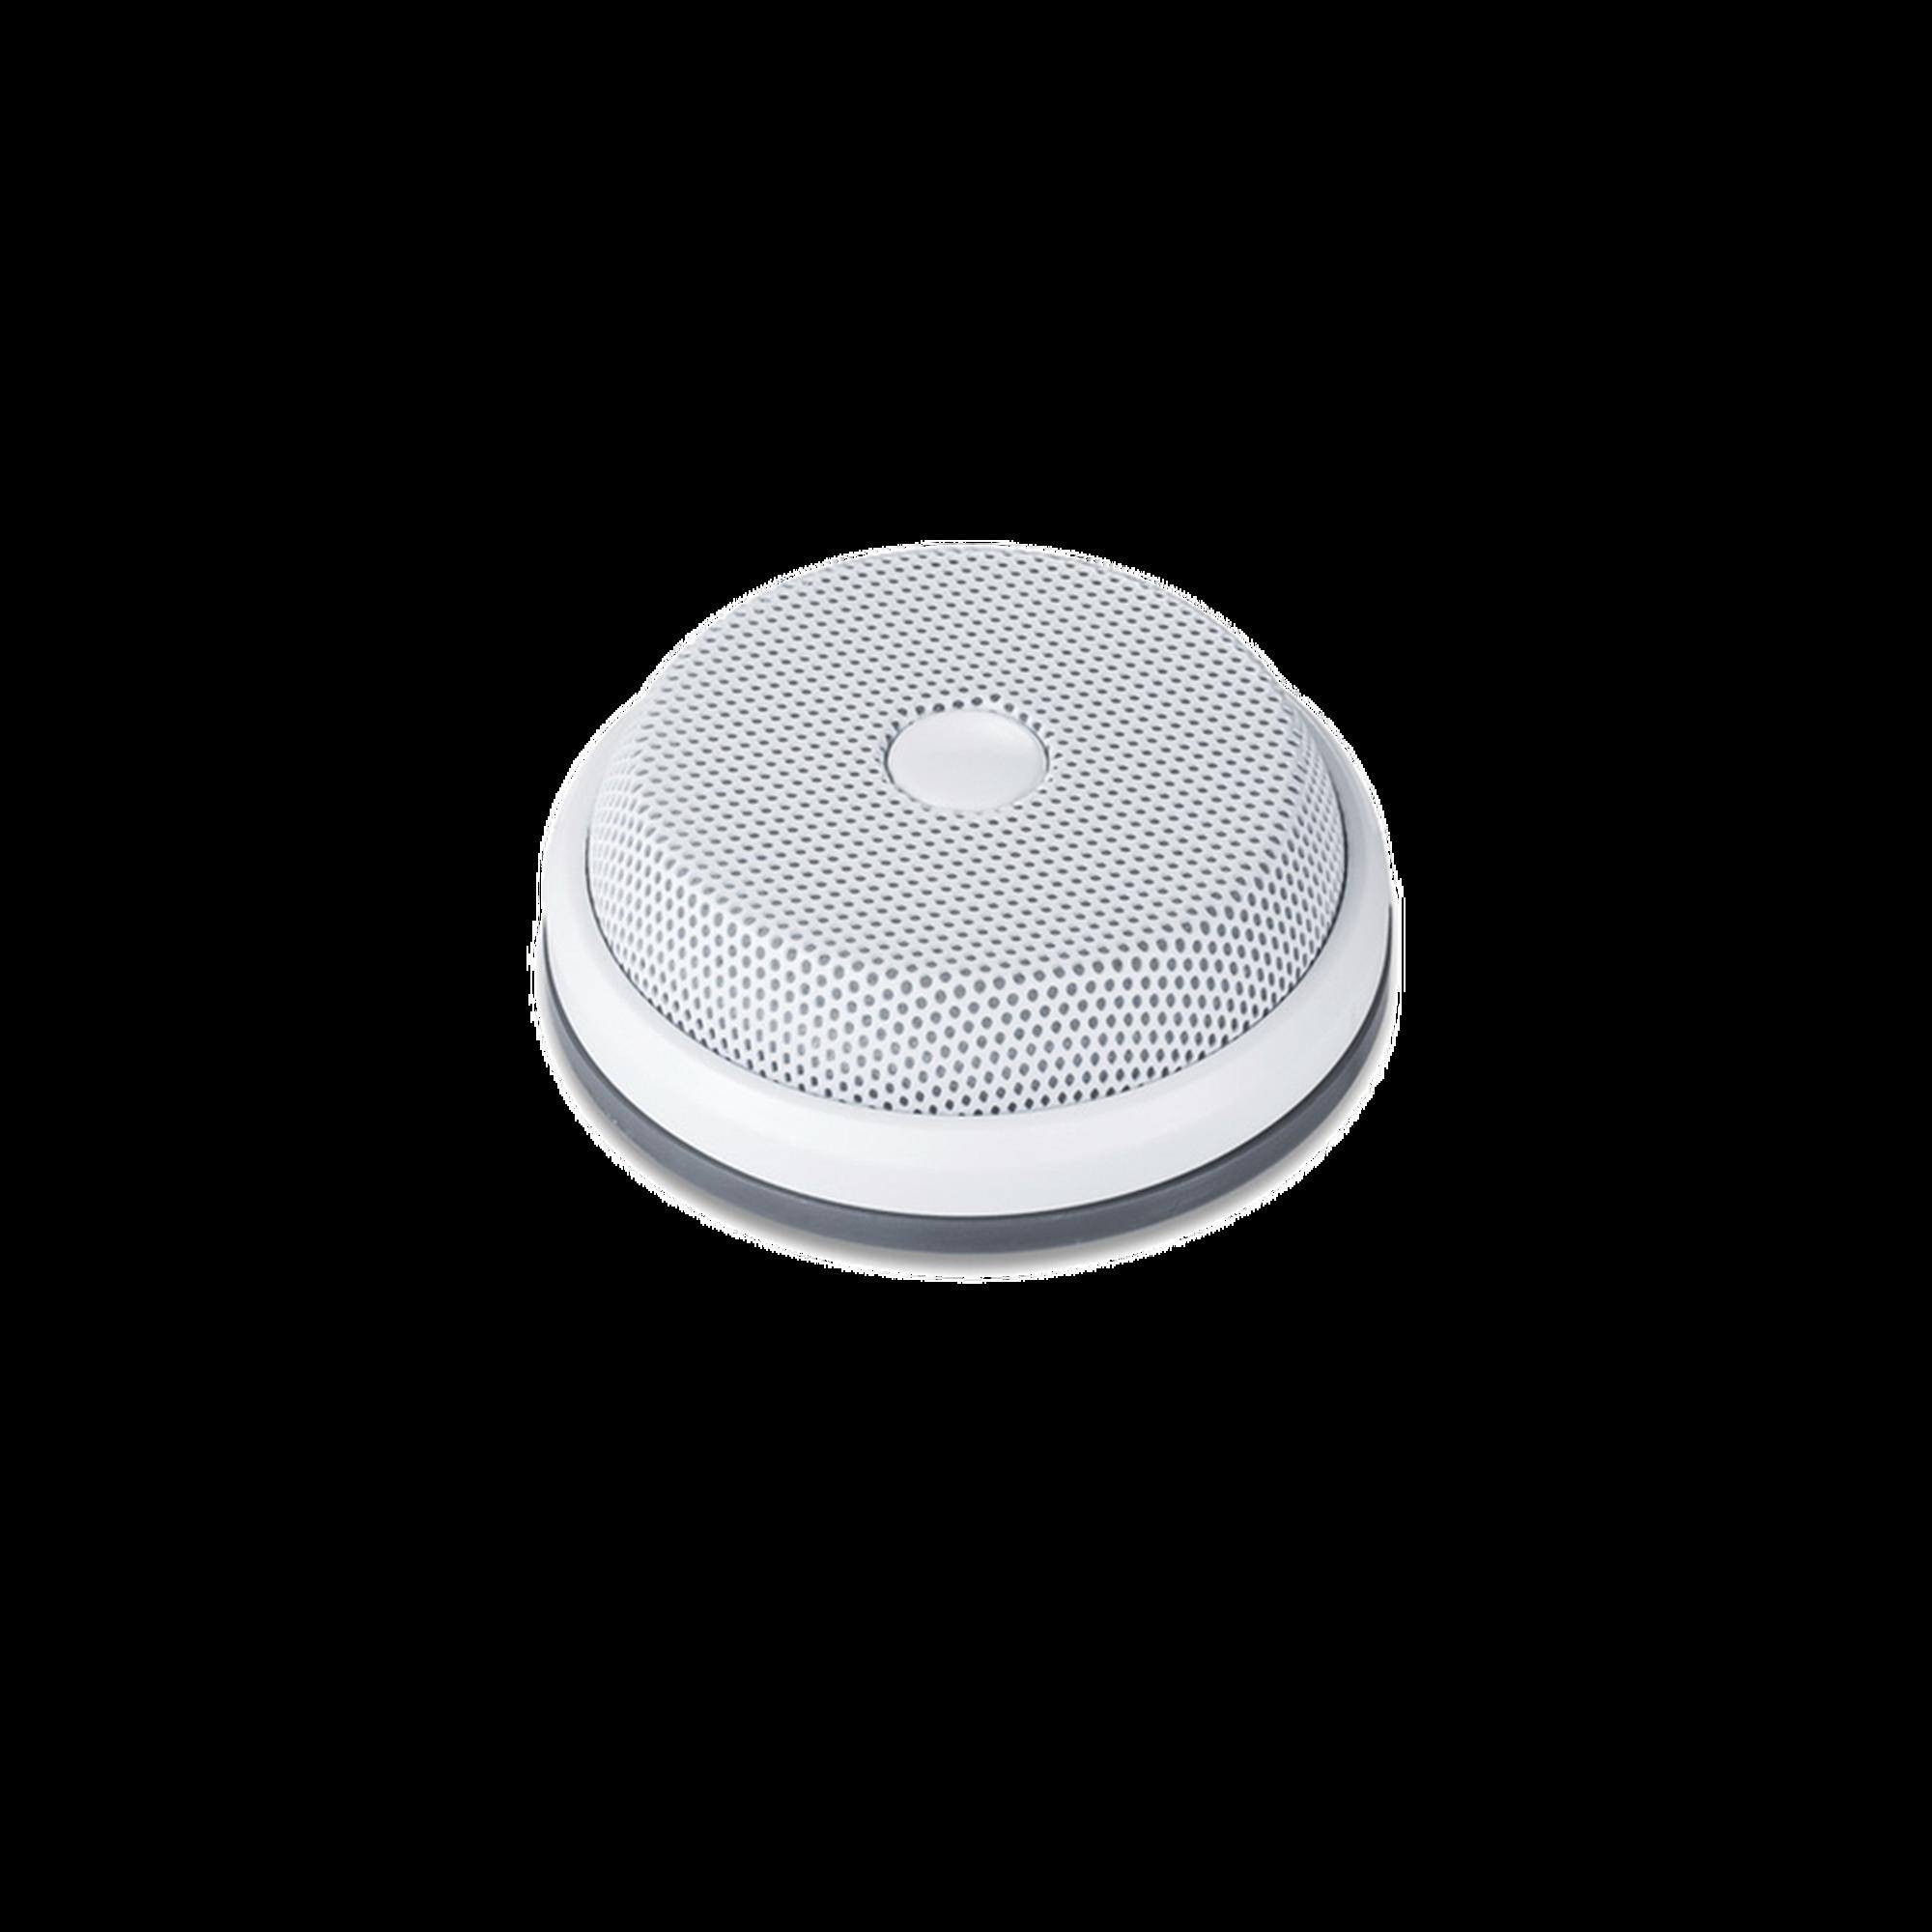 Micrófono omnidireccional para uso en CAPTURA DE CONVERSACIONES  para interior con distancia de recepción de 5-150 m cuadrados